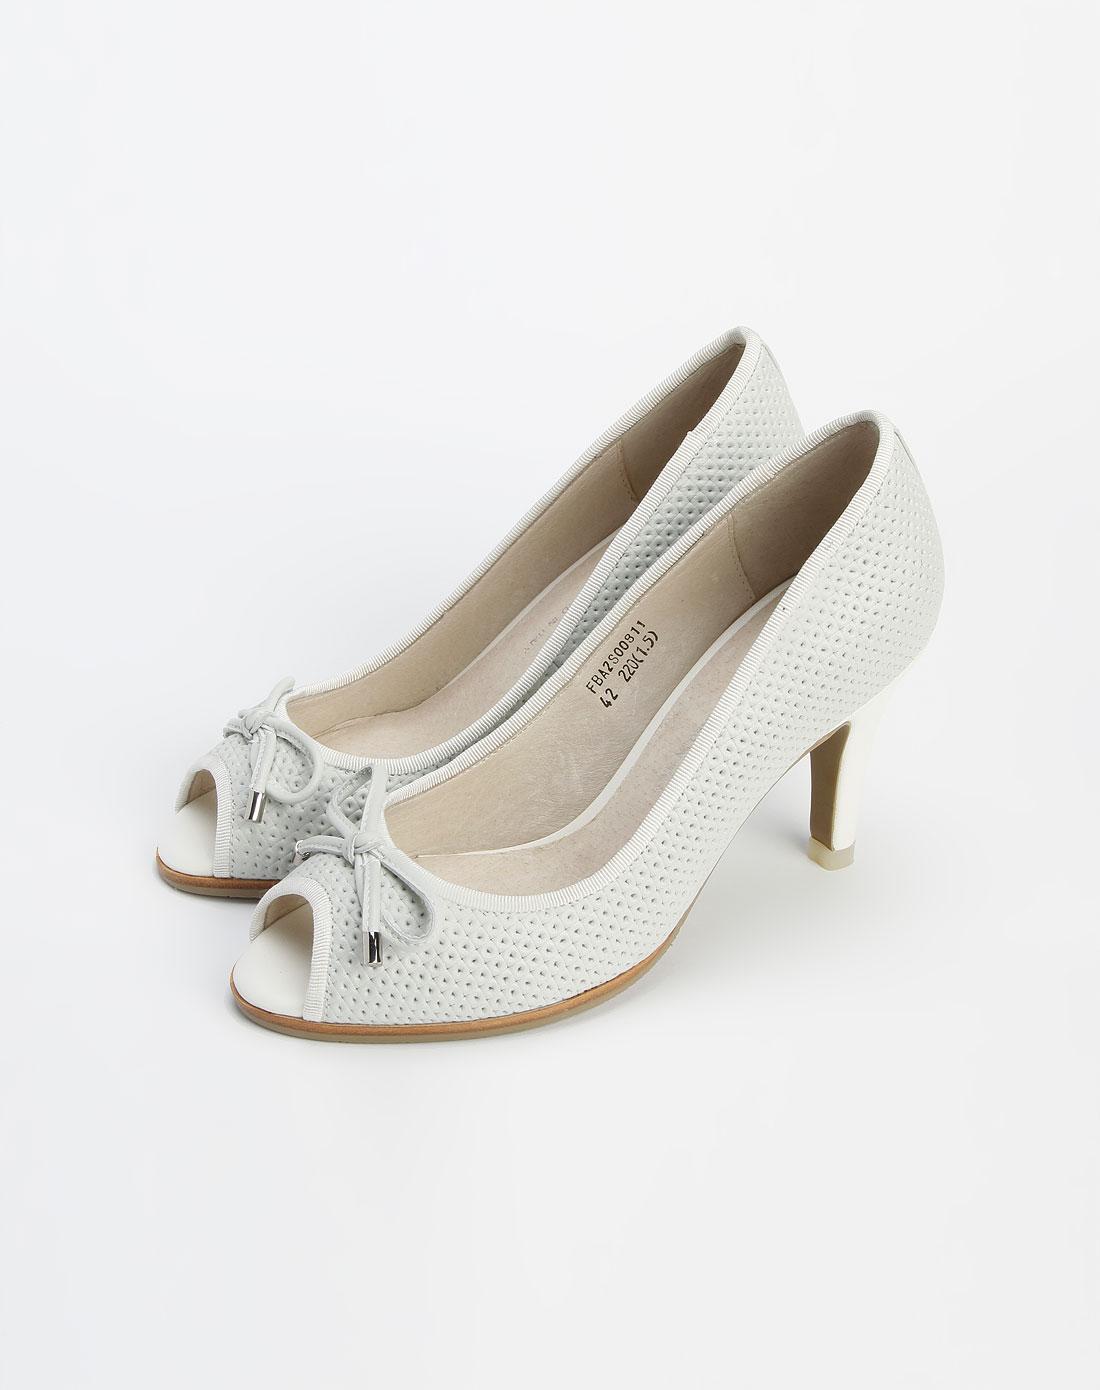 白色压孔鱼嘴高跟凉鞋1